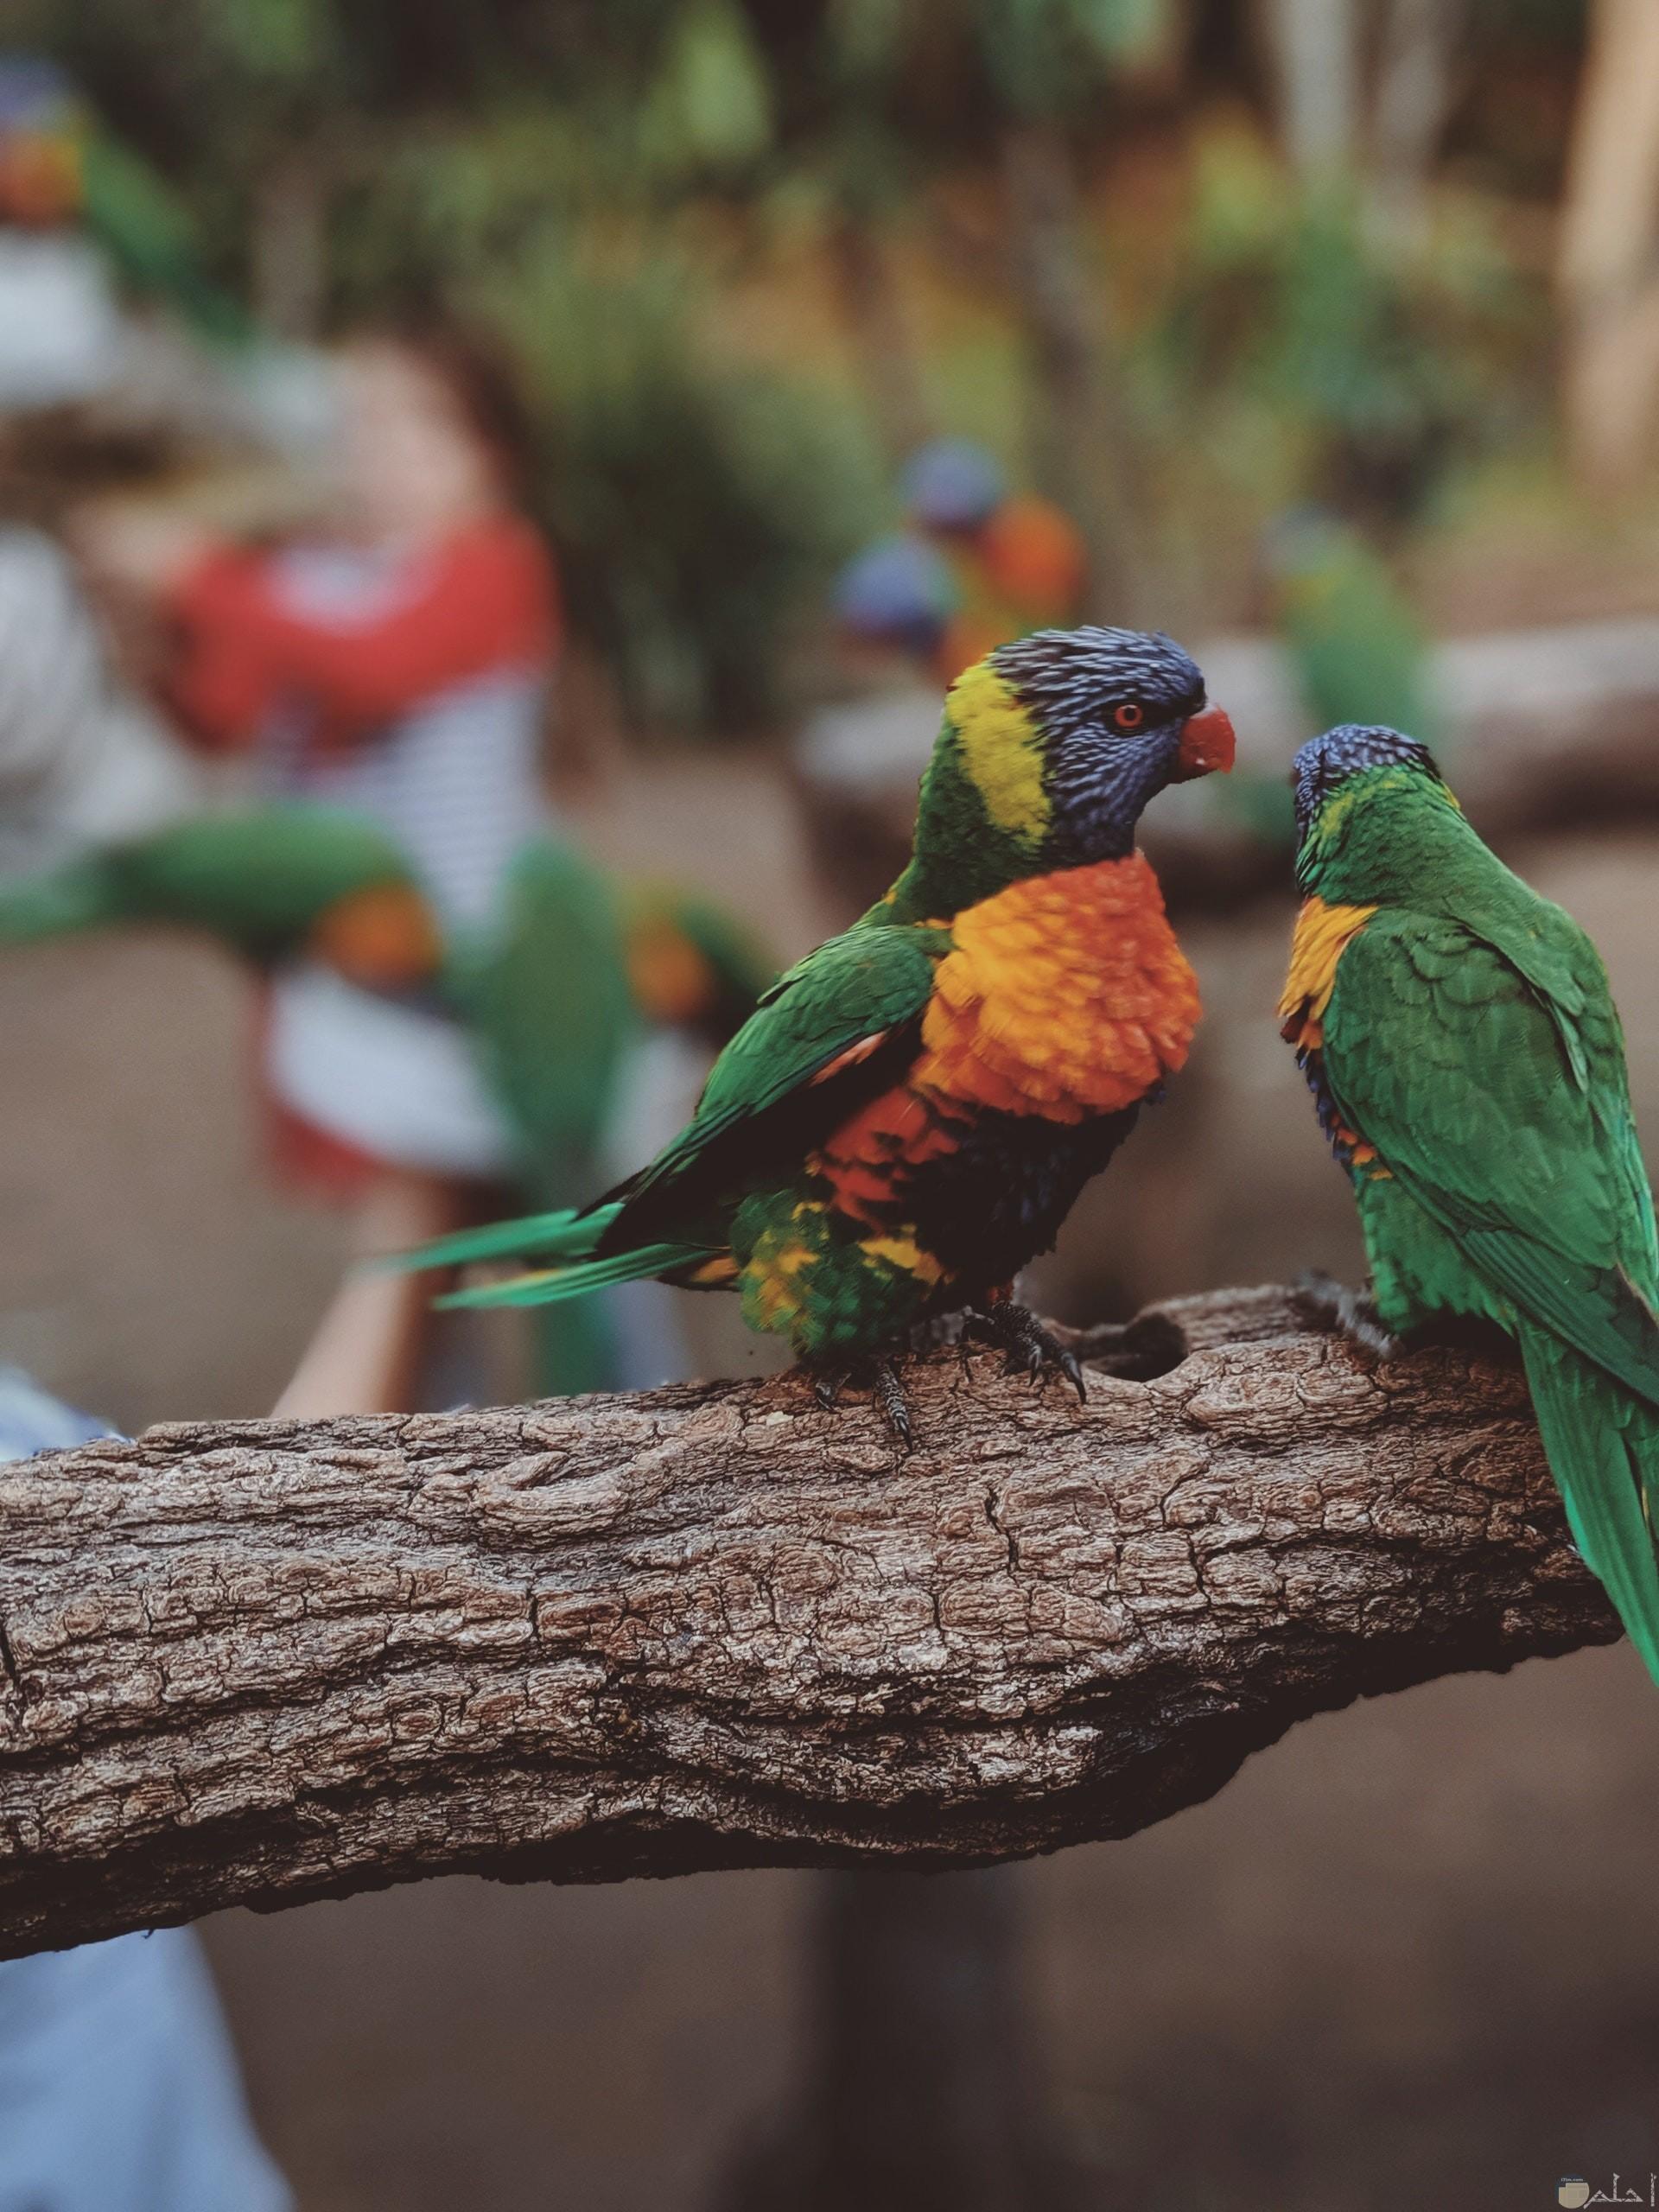 صورة مميزة جدا لطائران جميلان ملونان باللون الأخضر والبرتقالي والأصفر والبنفسجي واقفان علي الغصن